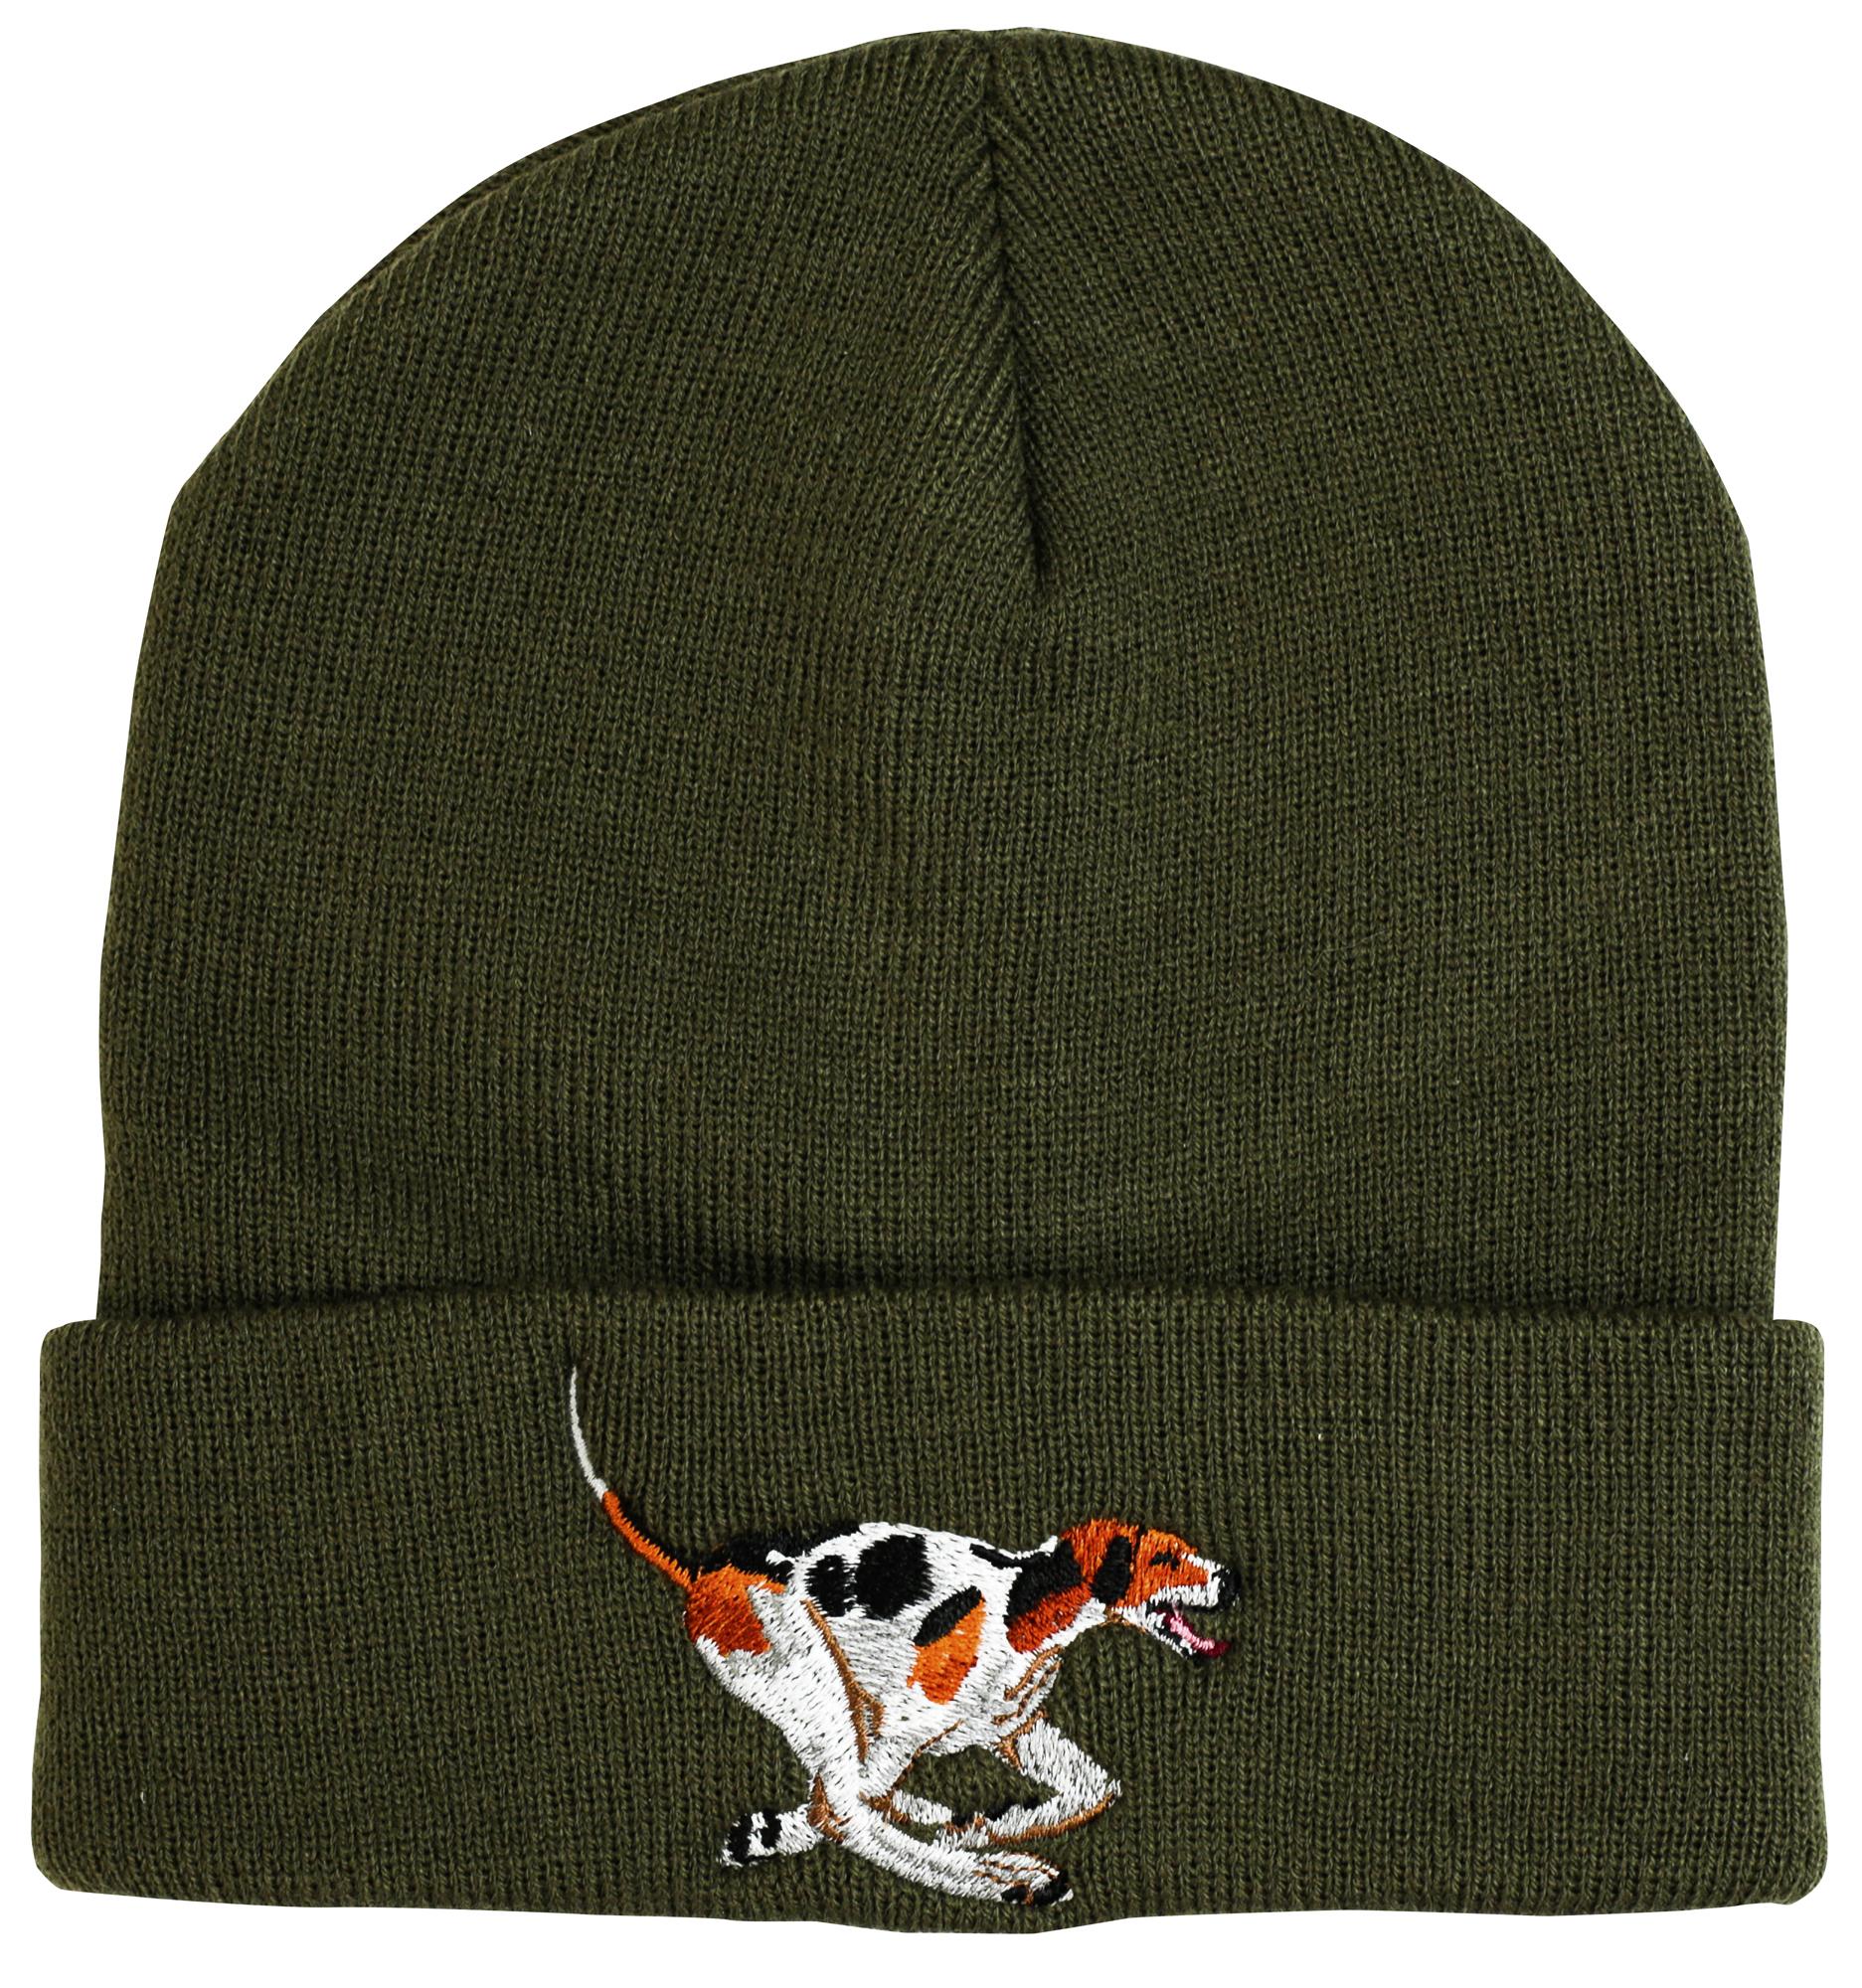 Beanie Hat - hound motif image